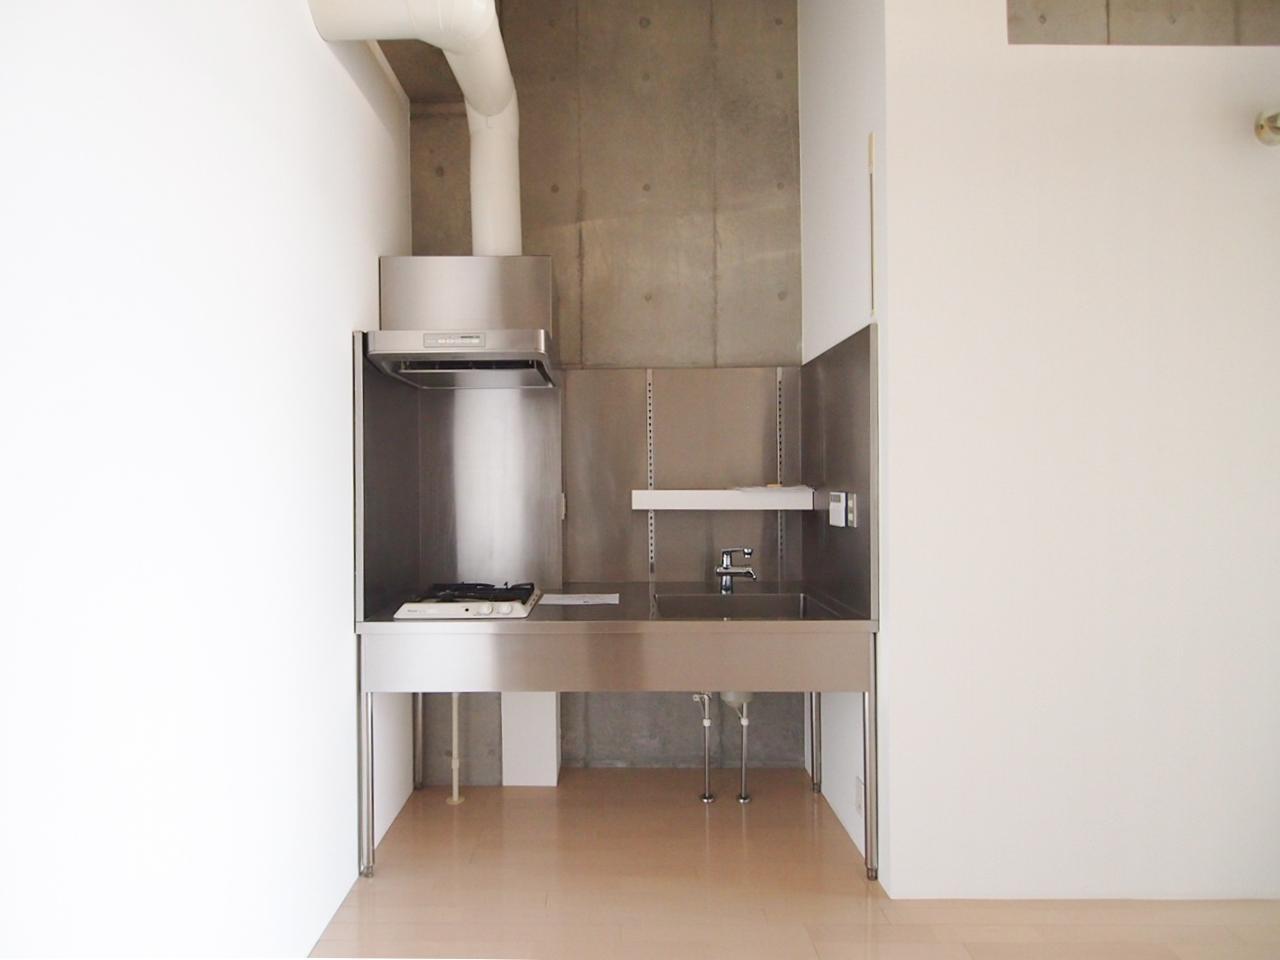 ステンレスのシンプルなキッチン